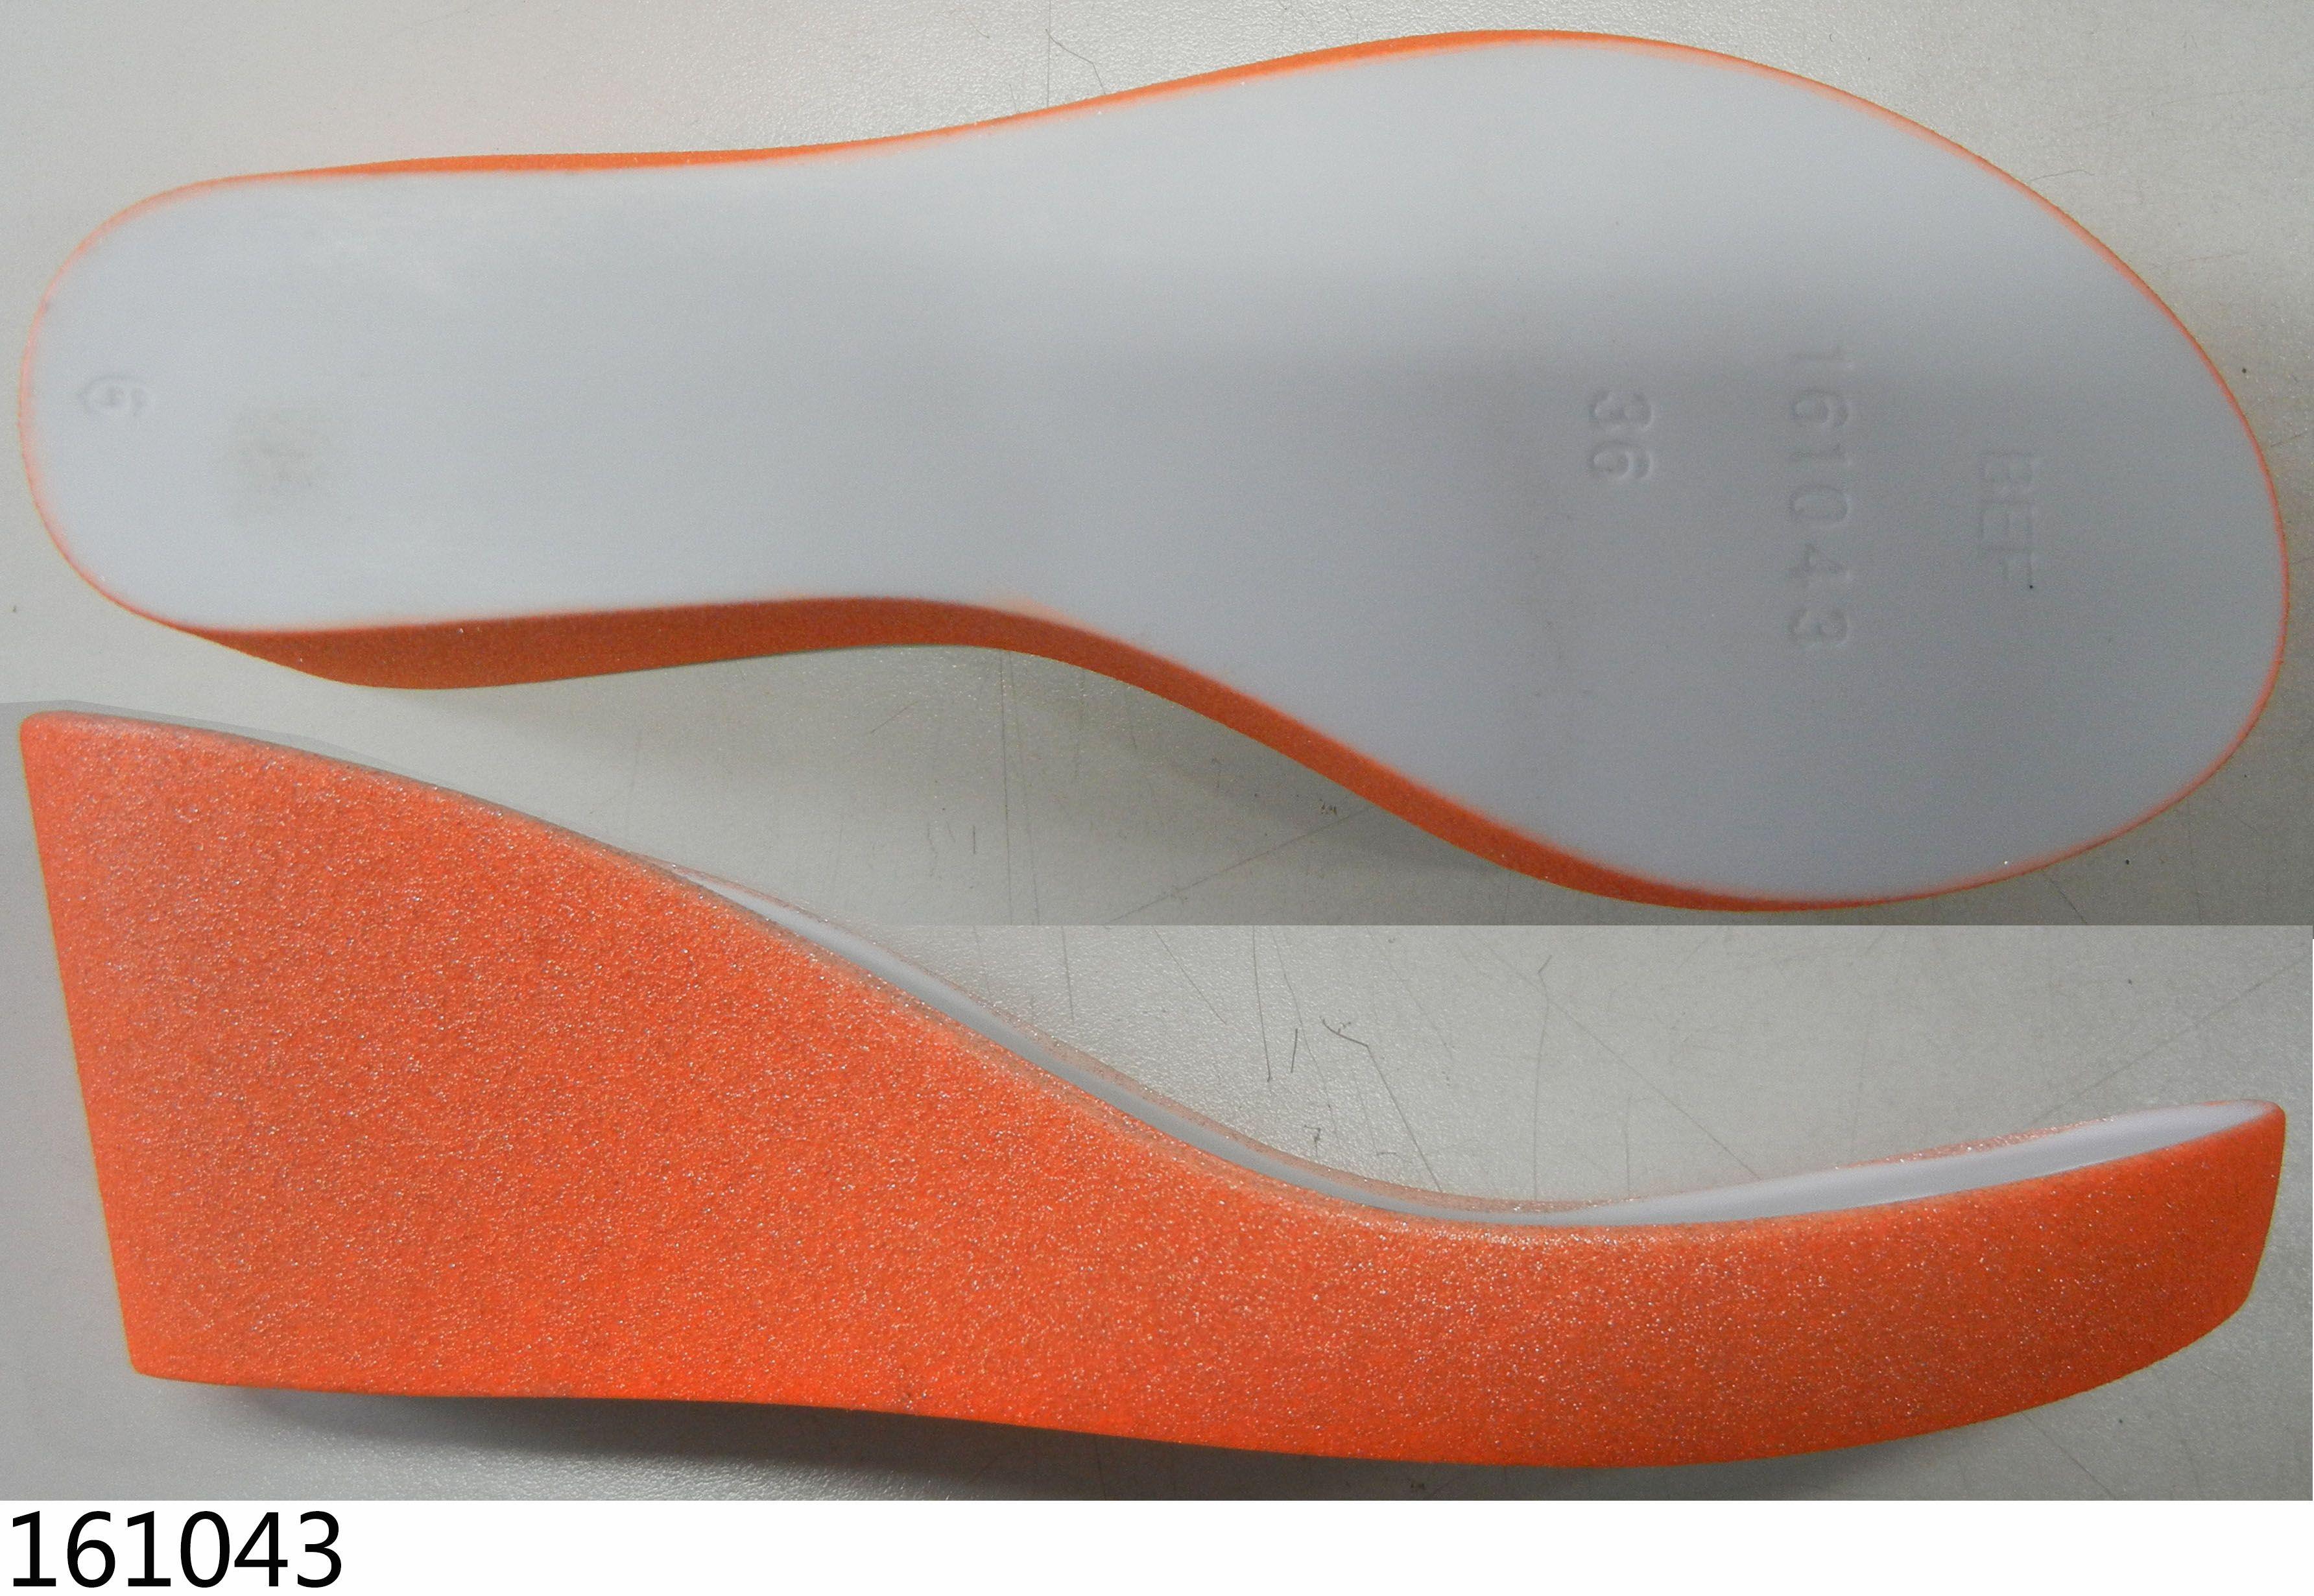 buy high heel Rubber Sole   Buy high